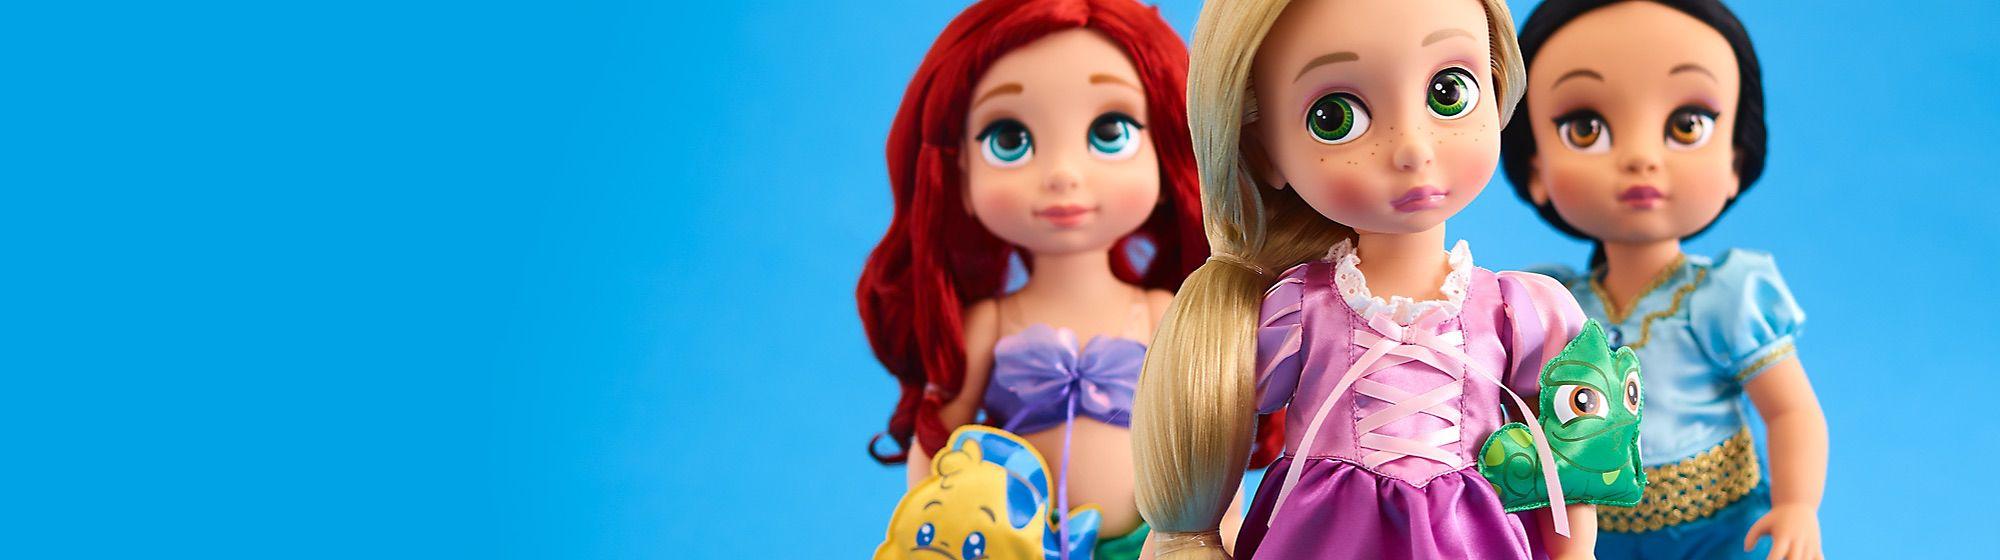 Colección Animators Descubre ahora la Colección Exclusiva de Disney Animators. Muñecas y figuras de todas las princesas Disney te están esperando.